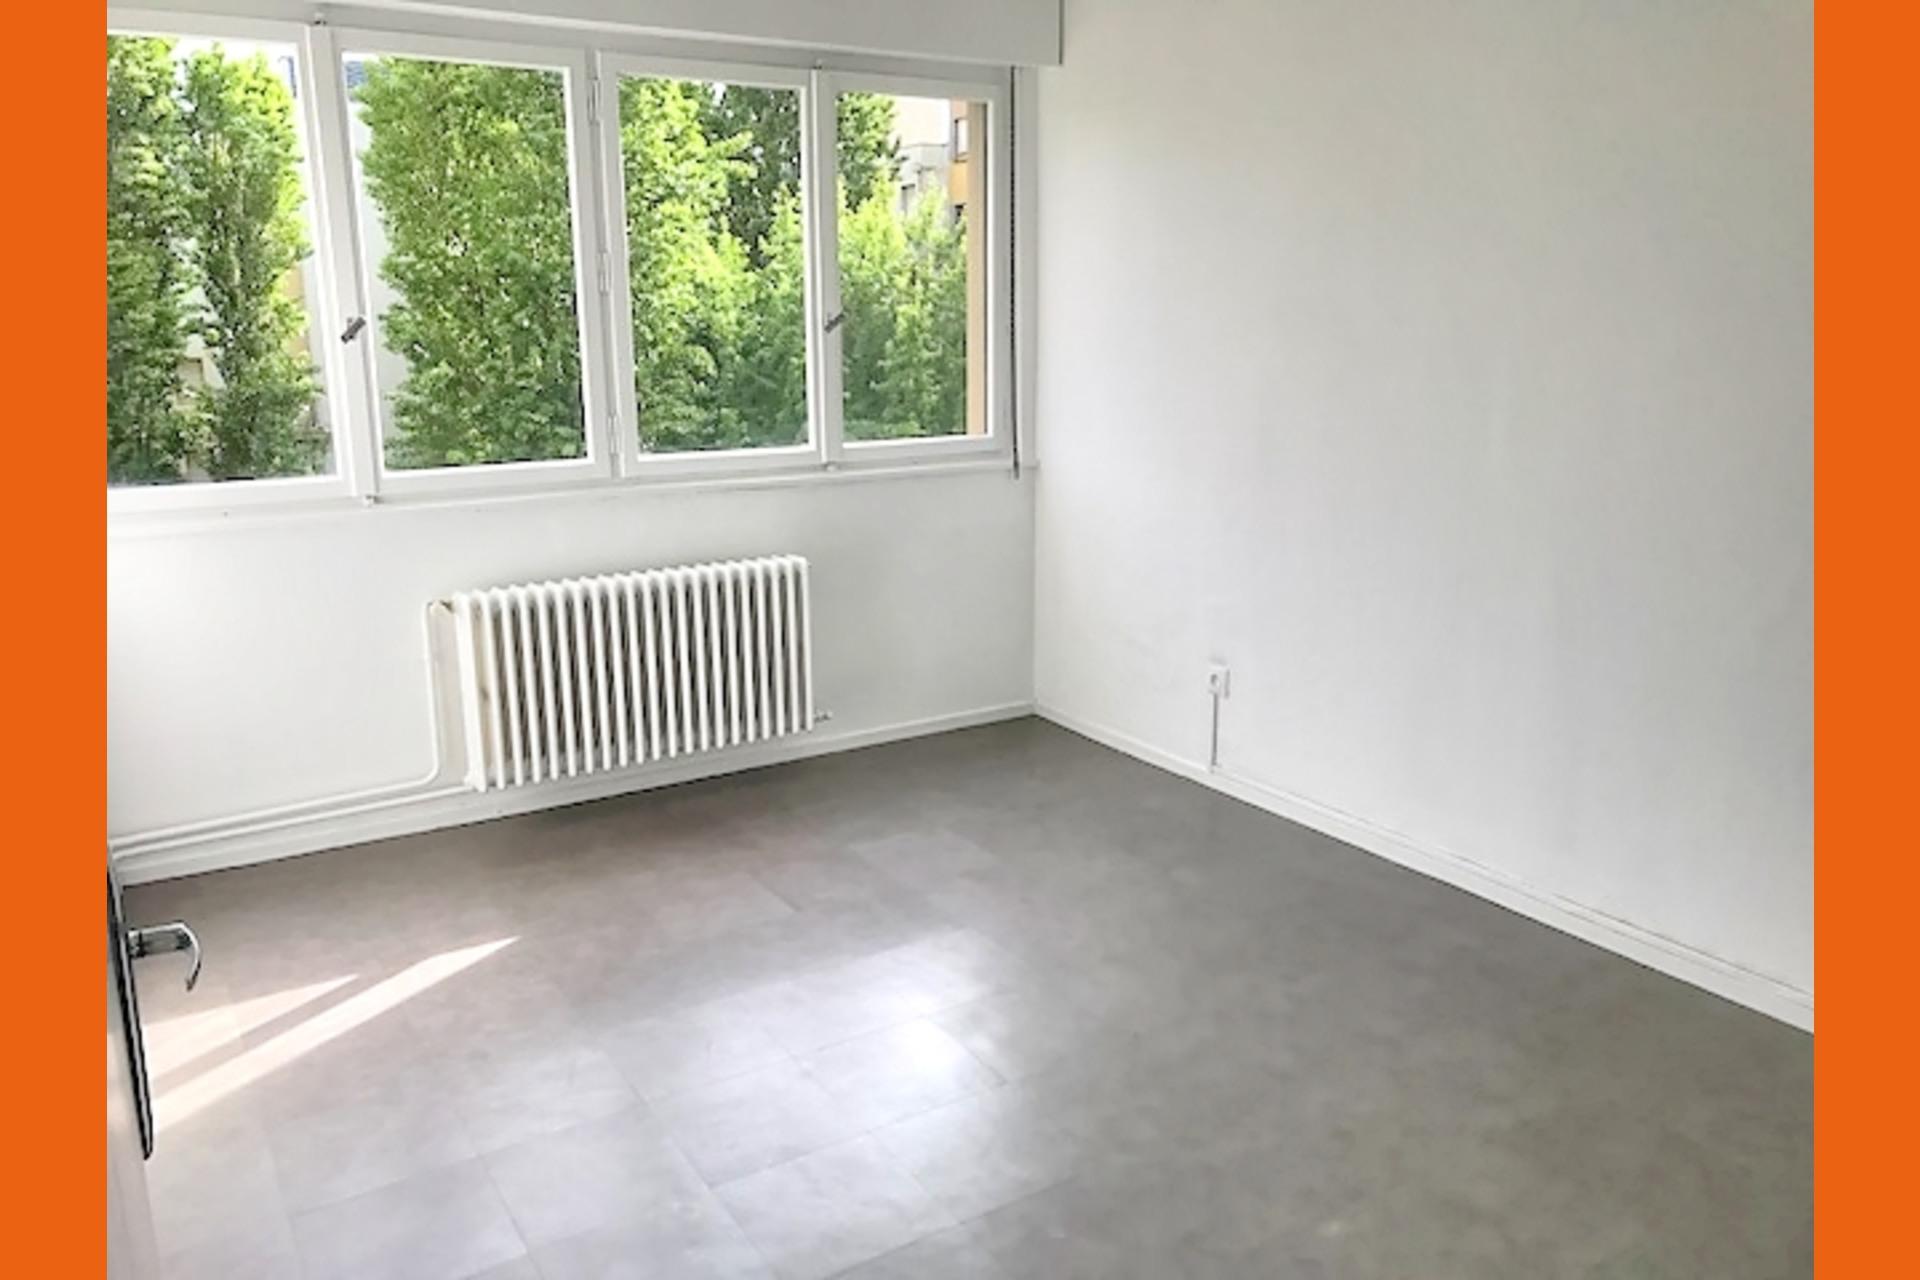 image 3 - Appartement À vendre Longeville-lès-Metz - 4 pièces